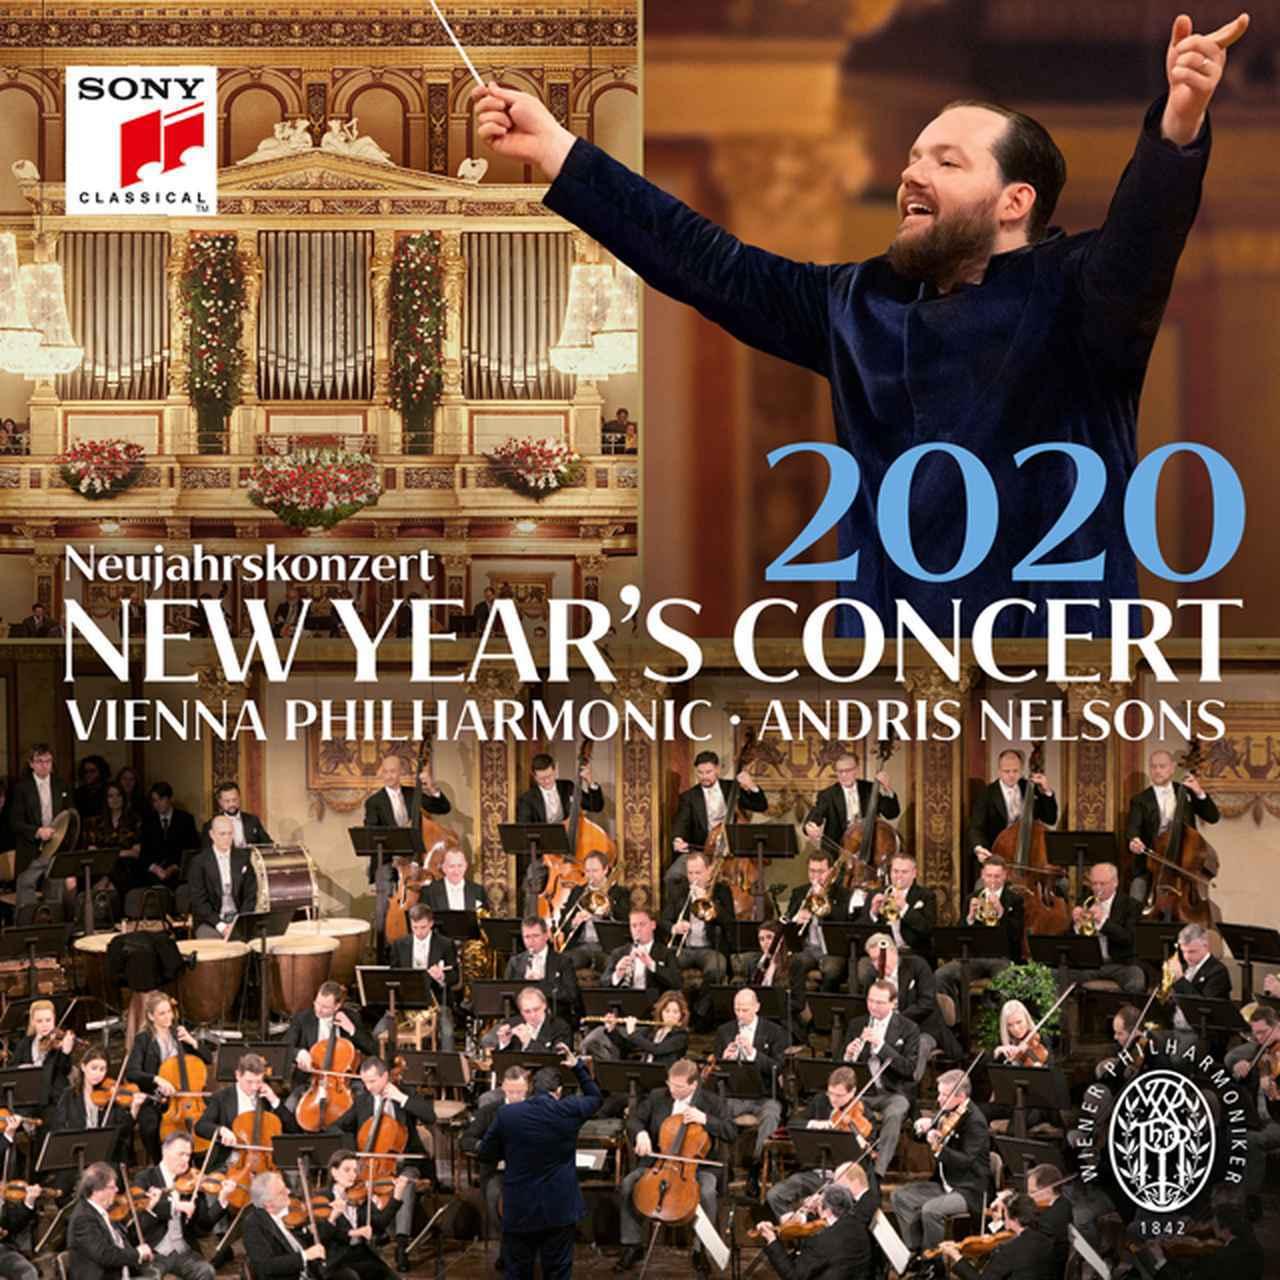 画像: Neujahrskonzert 2020 / New Year's Concert 2020 / Concert du Nouvel An 2020/Andris Nelsons, Wiener Philharmoniker